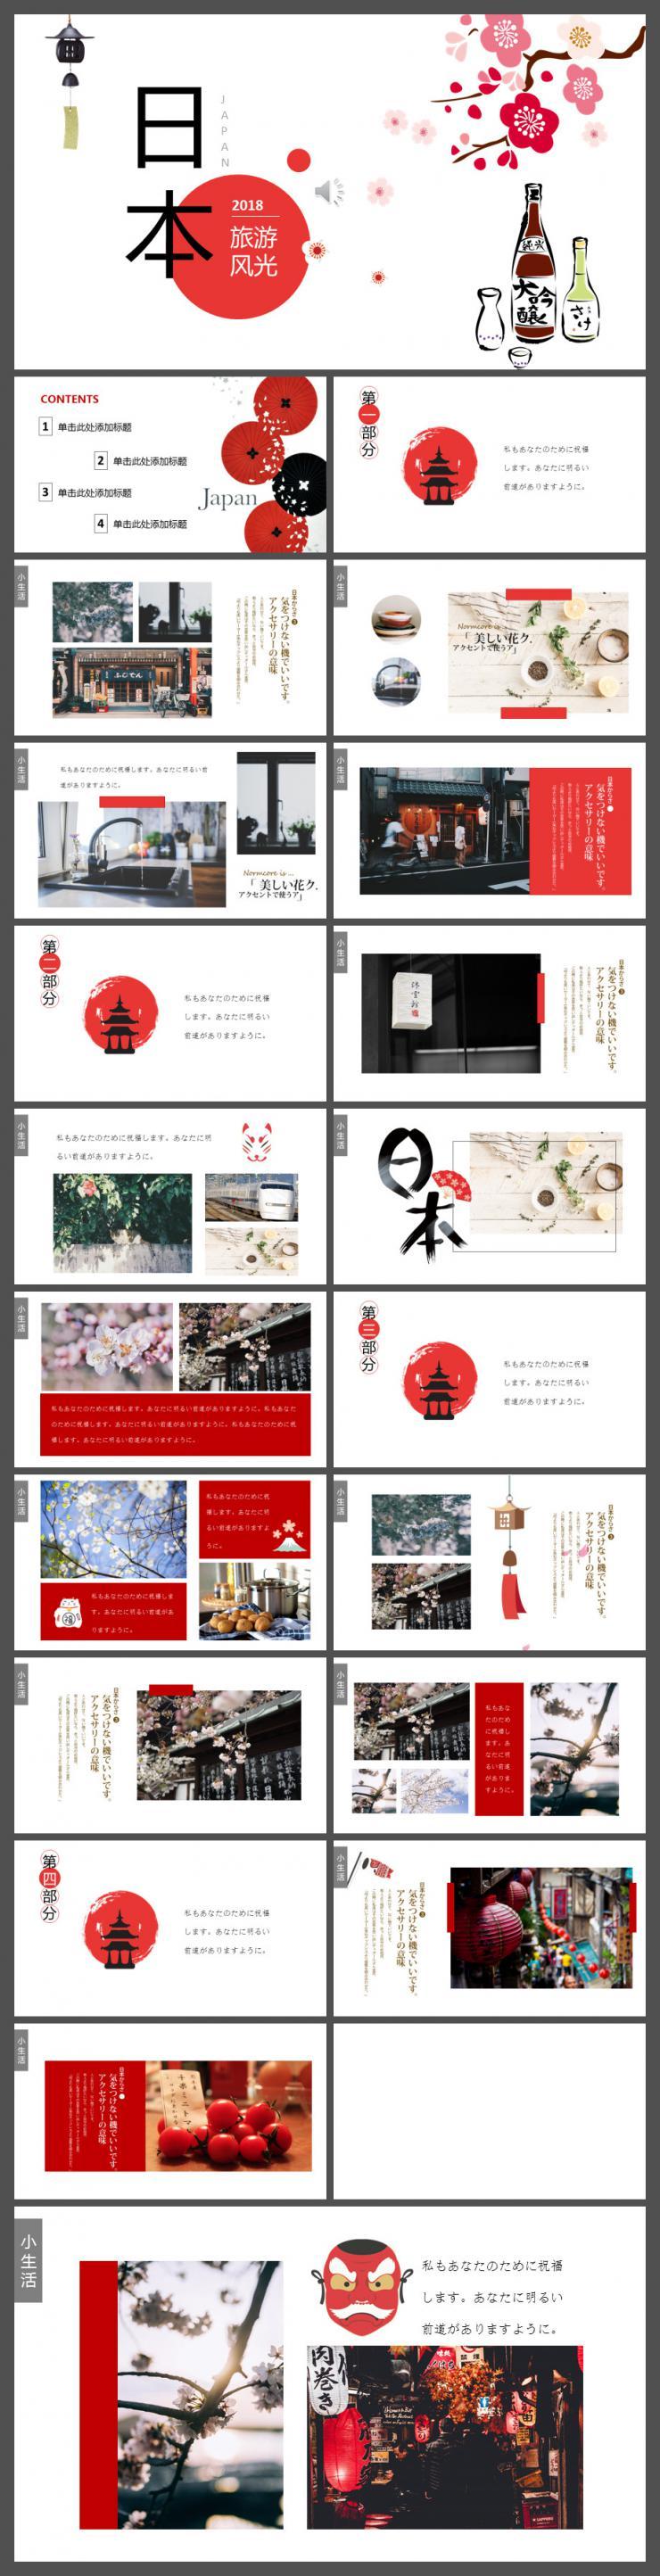 时尚日本旅行相册合集PPT模板